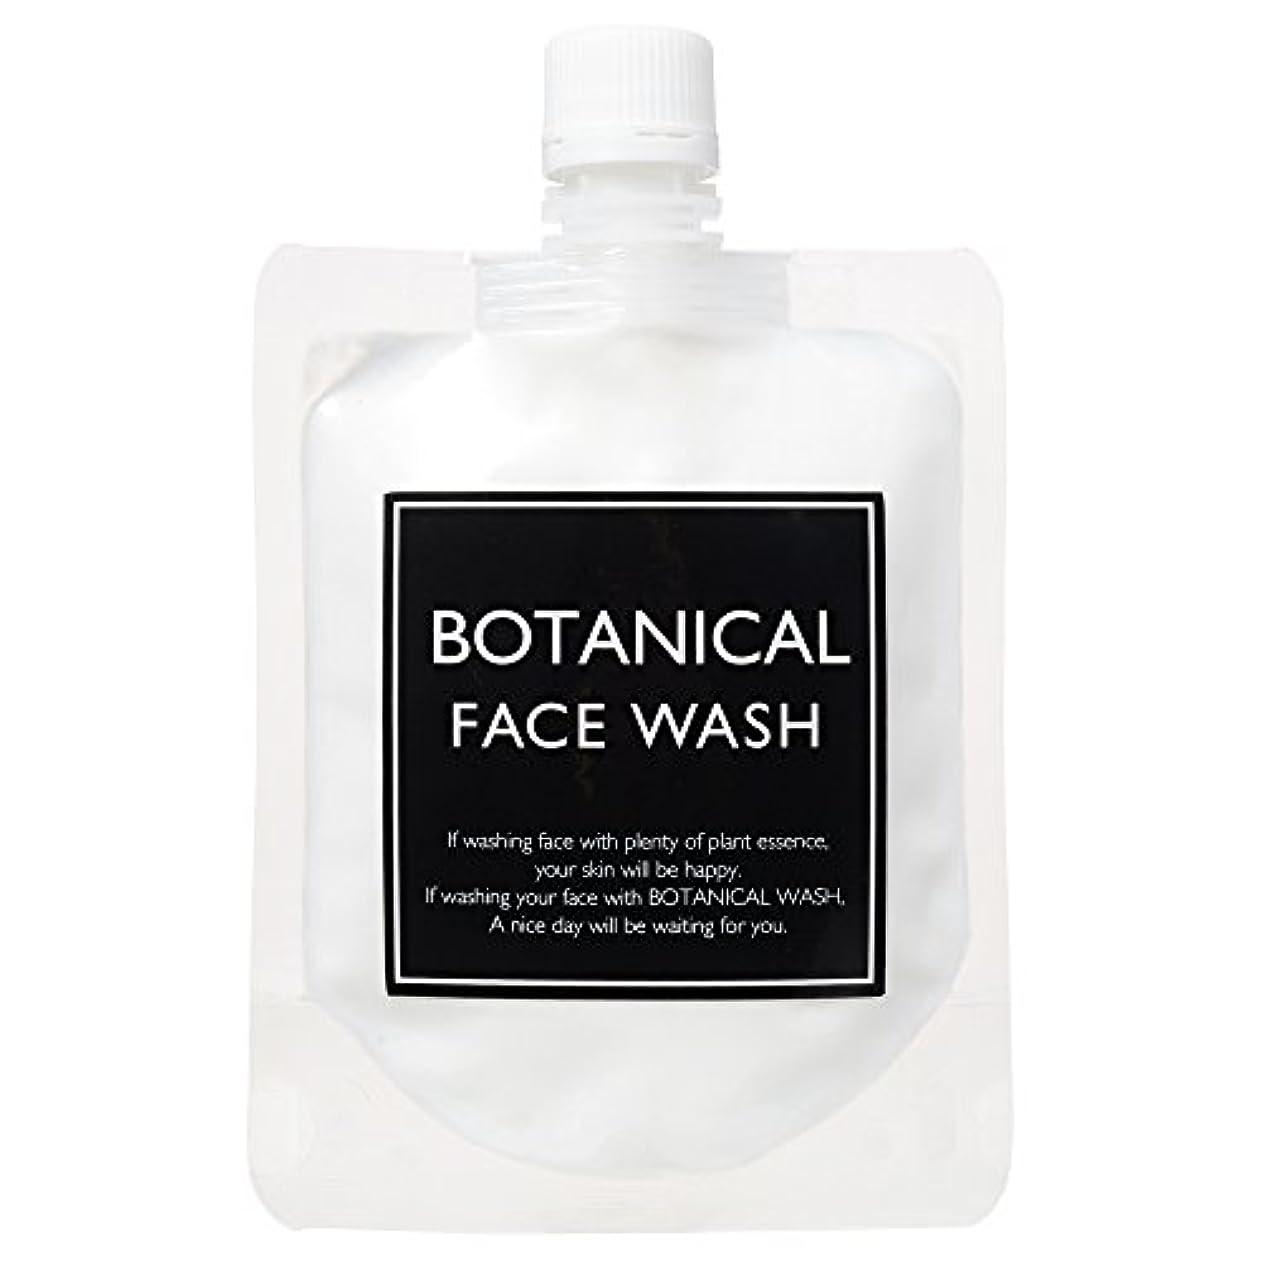 観光前進ダーベビルのテス【BOTANICAL FACE WASH】 ボタニカル フェイスウォッシュ 150g 泡洗顔